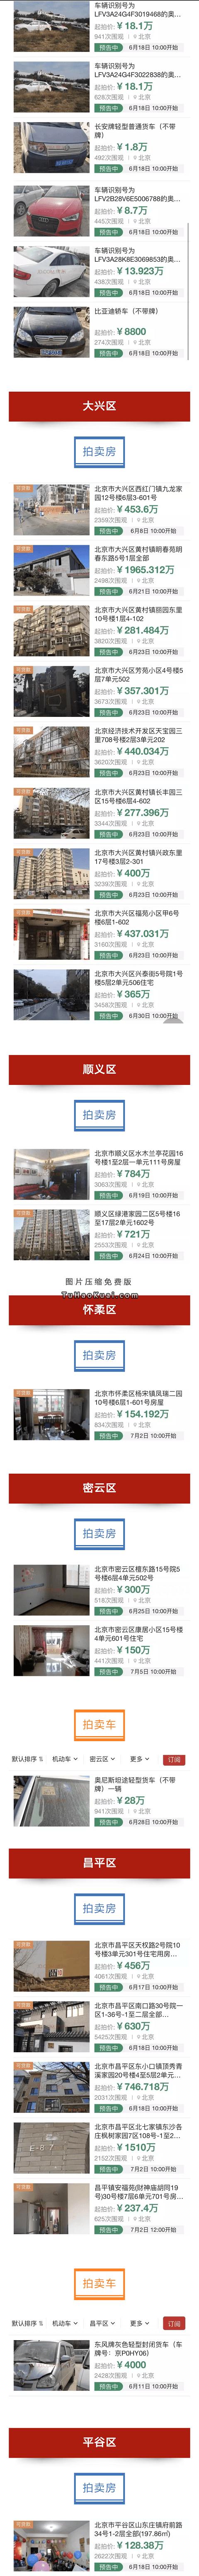 2018北京司法拍卖房产汽车(时间+流程+竞拍入口)